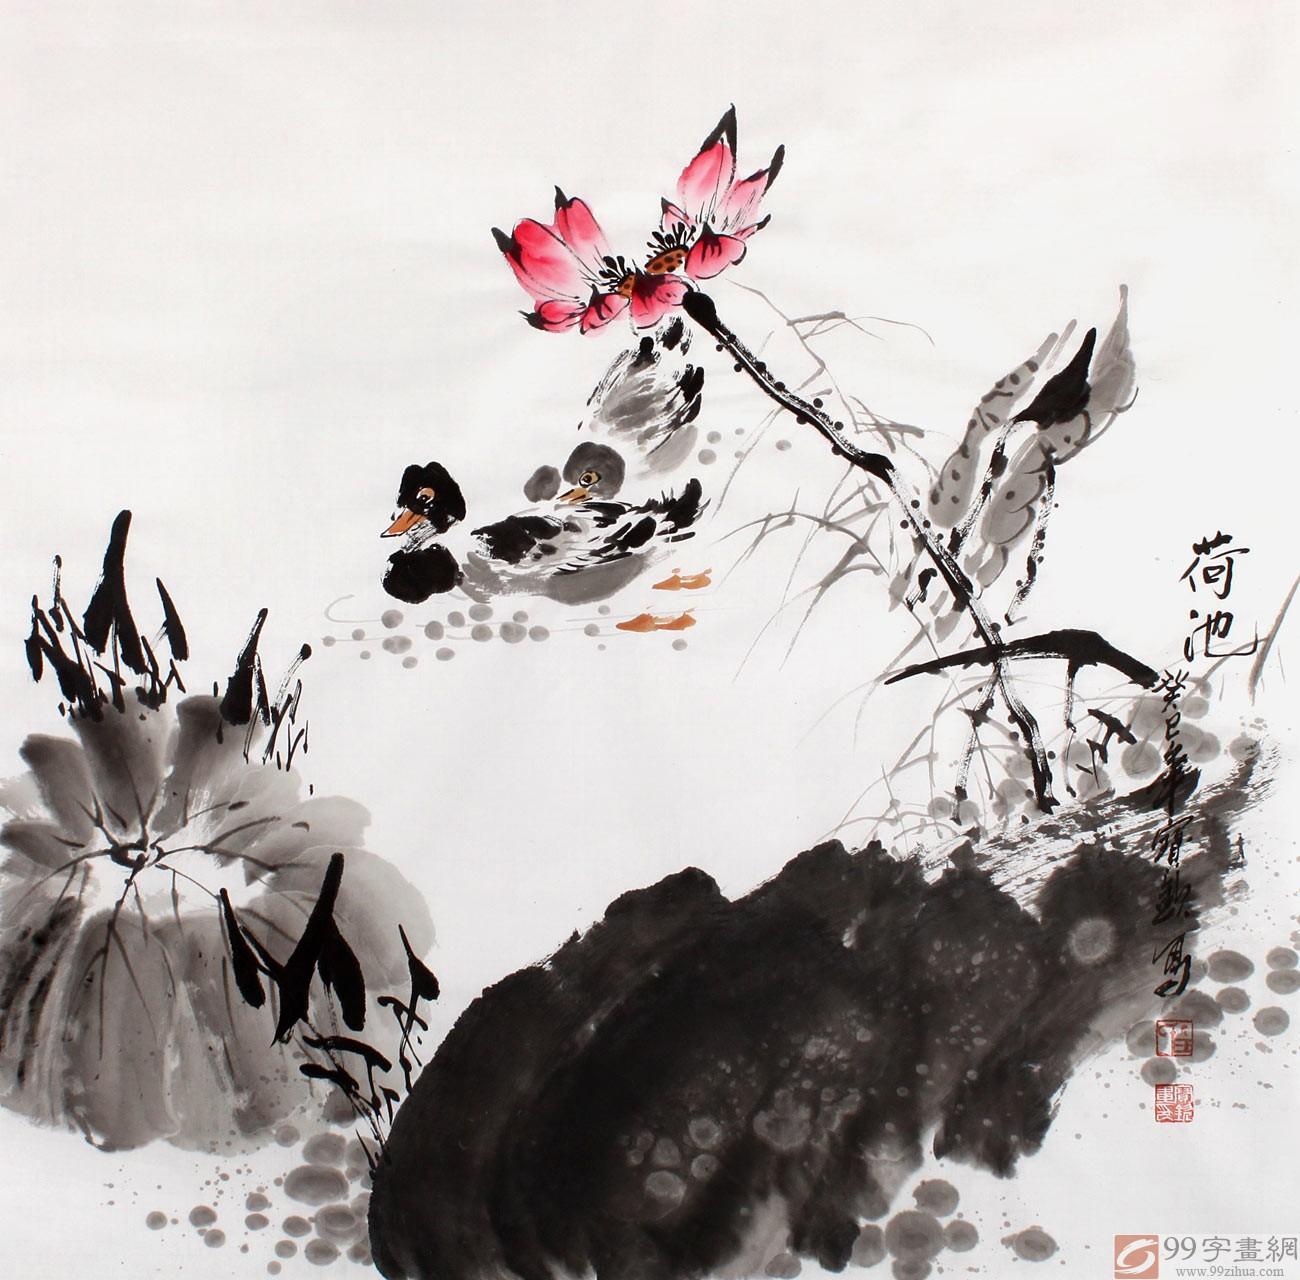 2、王宝钦精品四尺斗方《荷池》   鸳鸯戏水,可挂与家中卧室中, 《荷池》笔墨老辣流畅,作为当代有影响的花鸟画大家,王宝钦先生的作品不论收藏还是装饰都具有非常高的价值.